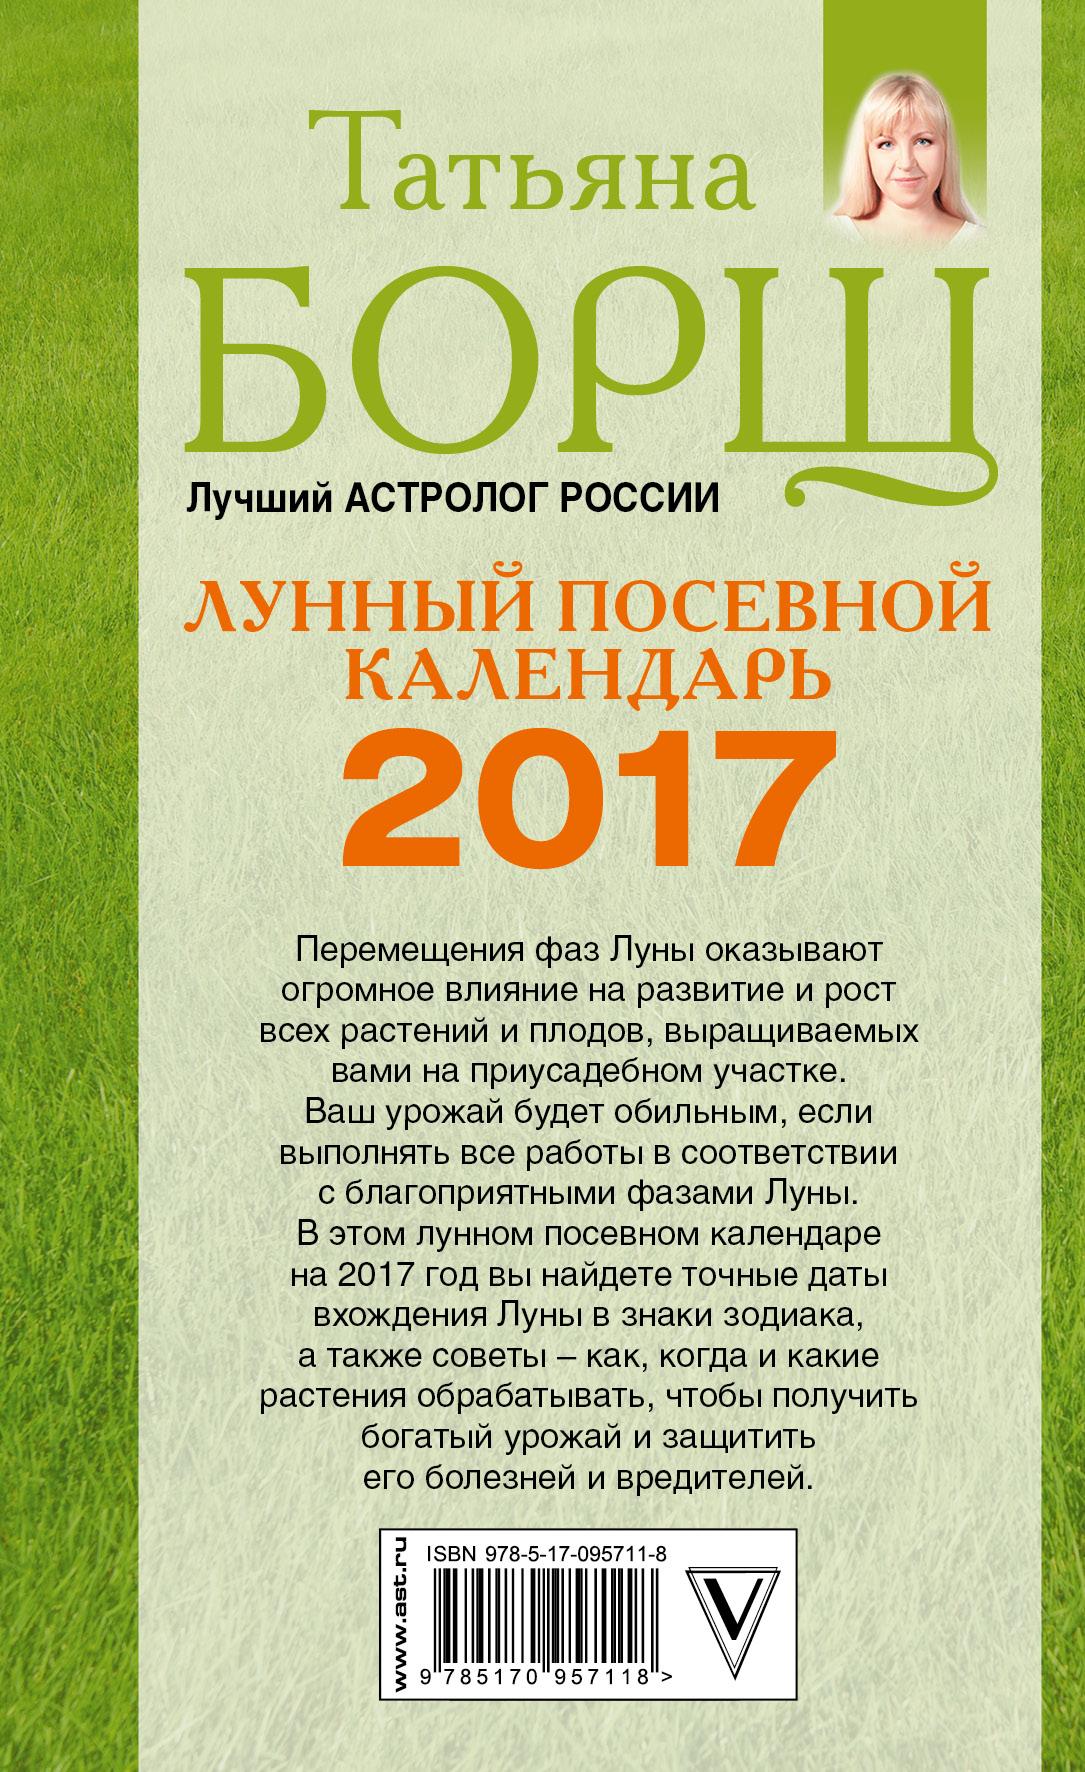 Лунный посевной календарь на 2017 год